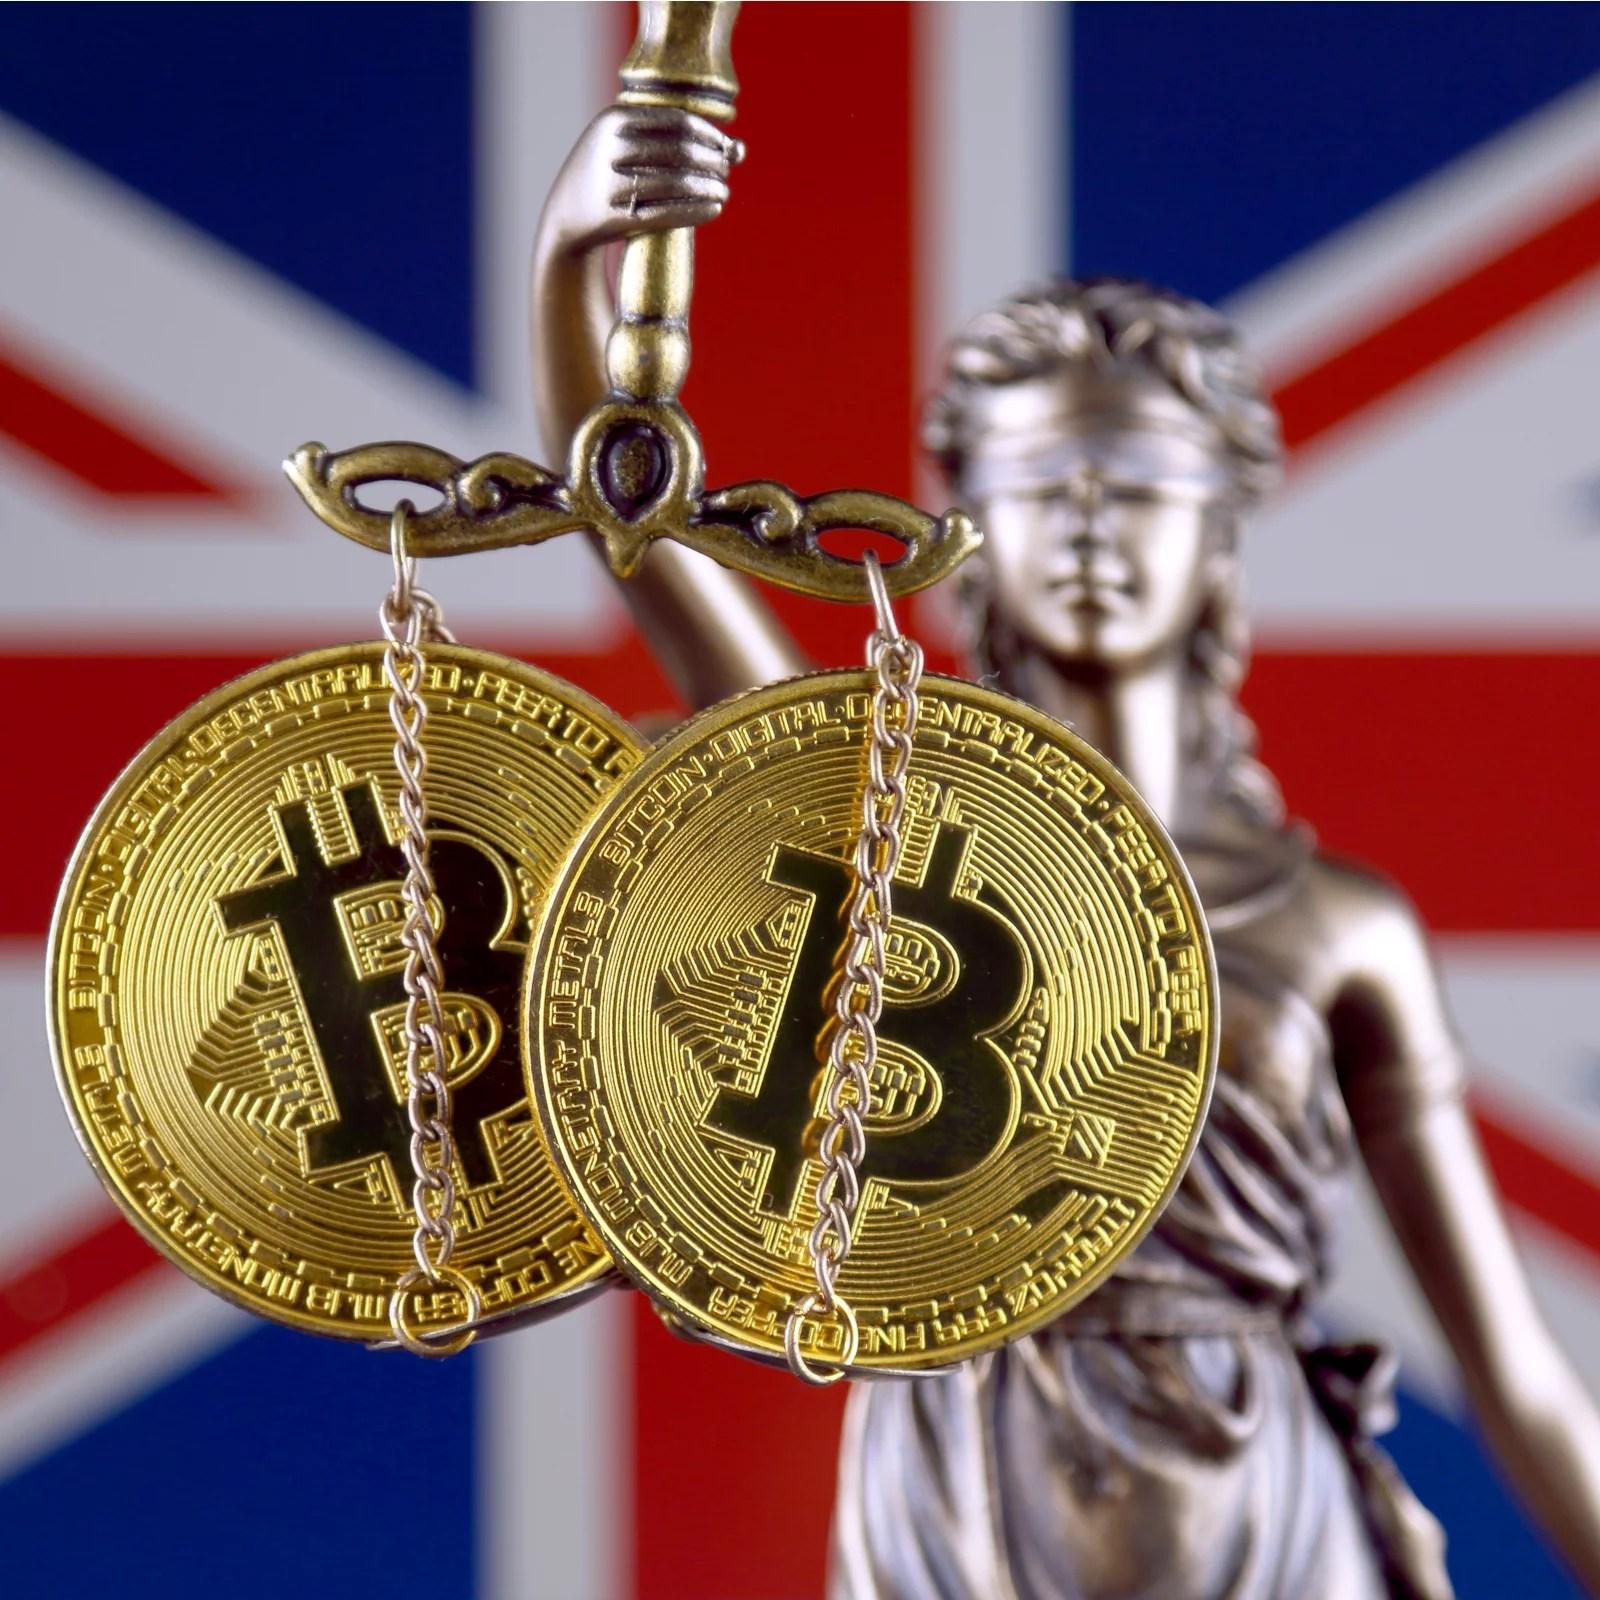 Informe asegura que la regulación criptográfica en el Reino Unido podría ser contraproducente y romper el mercado